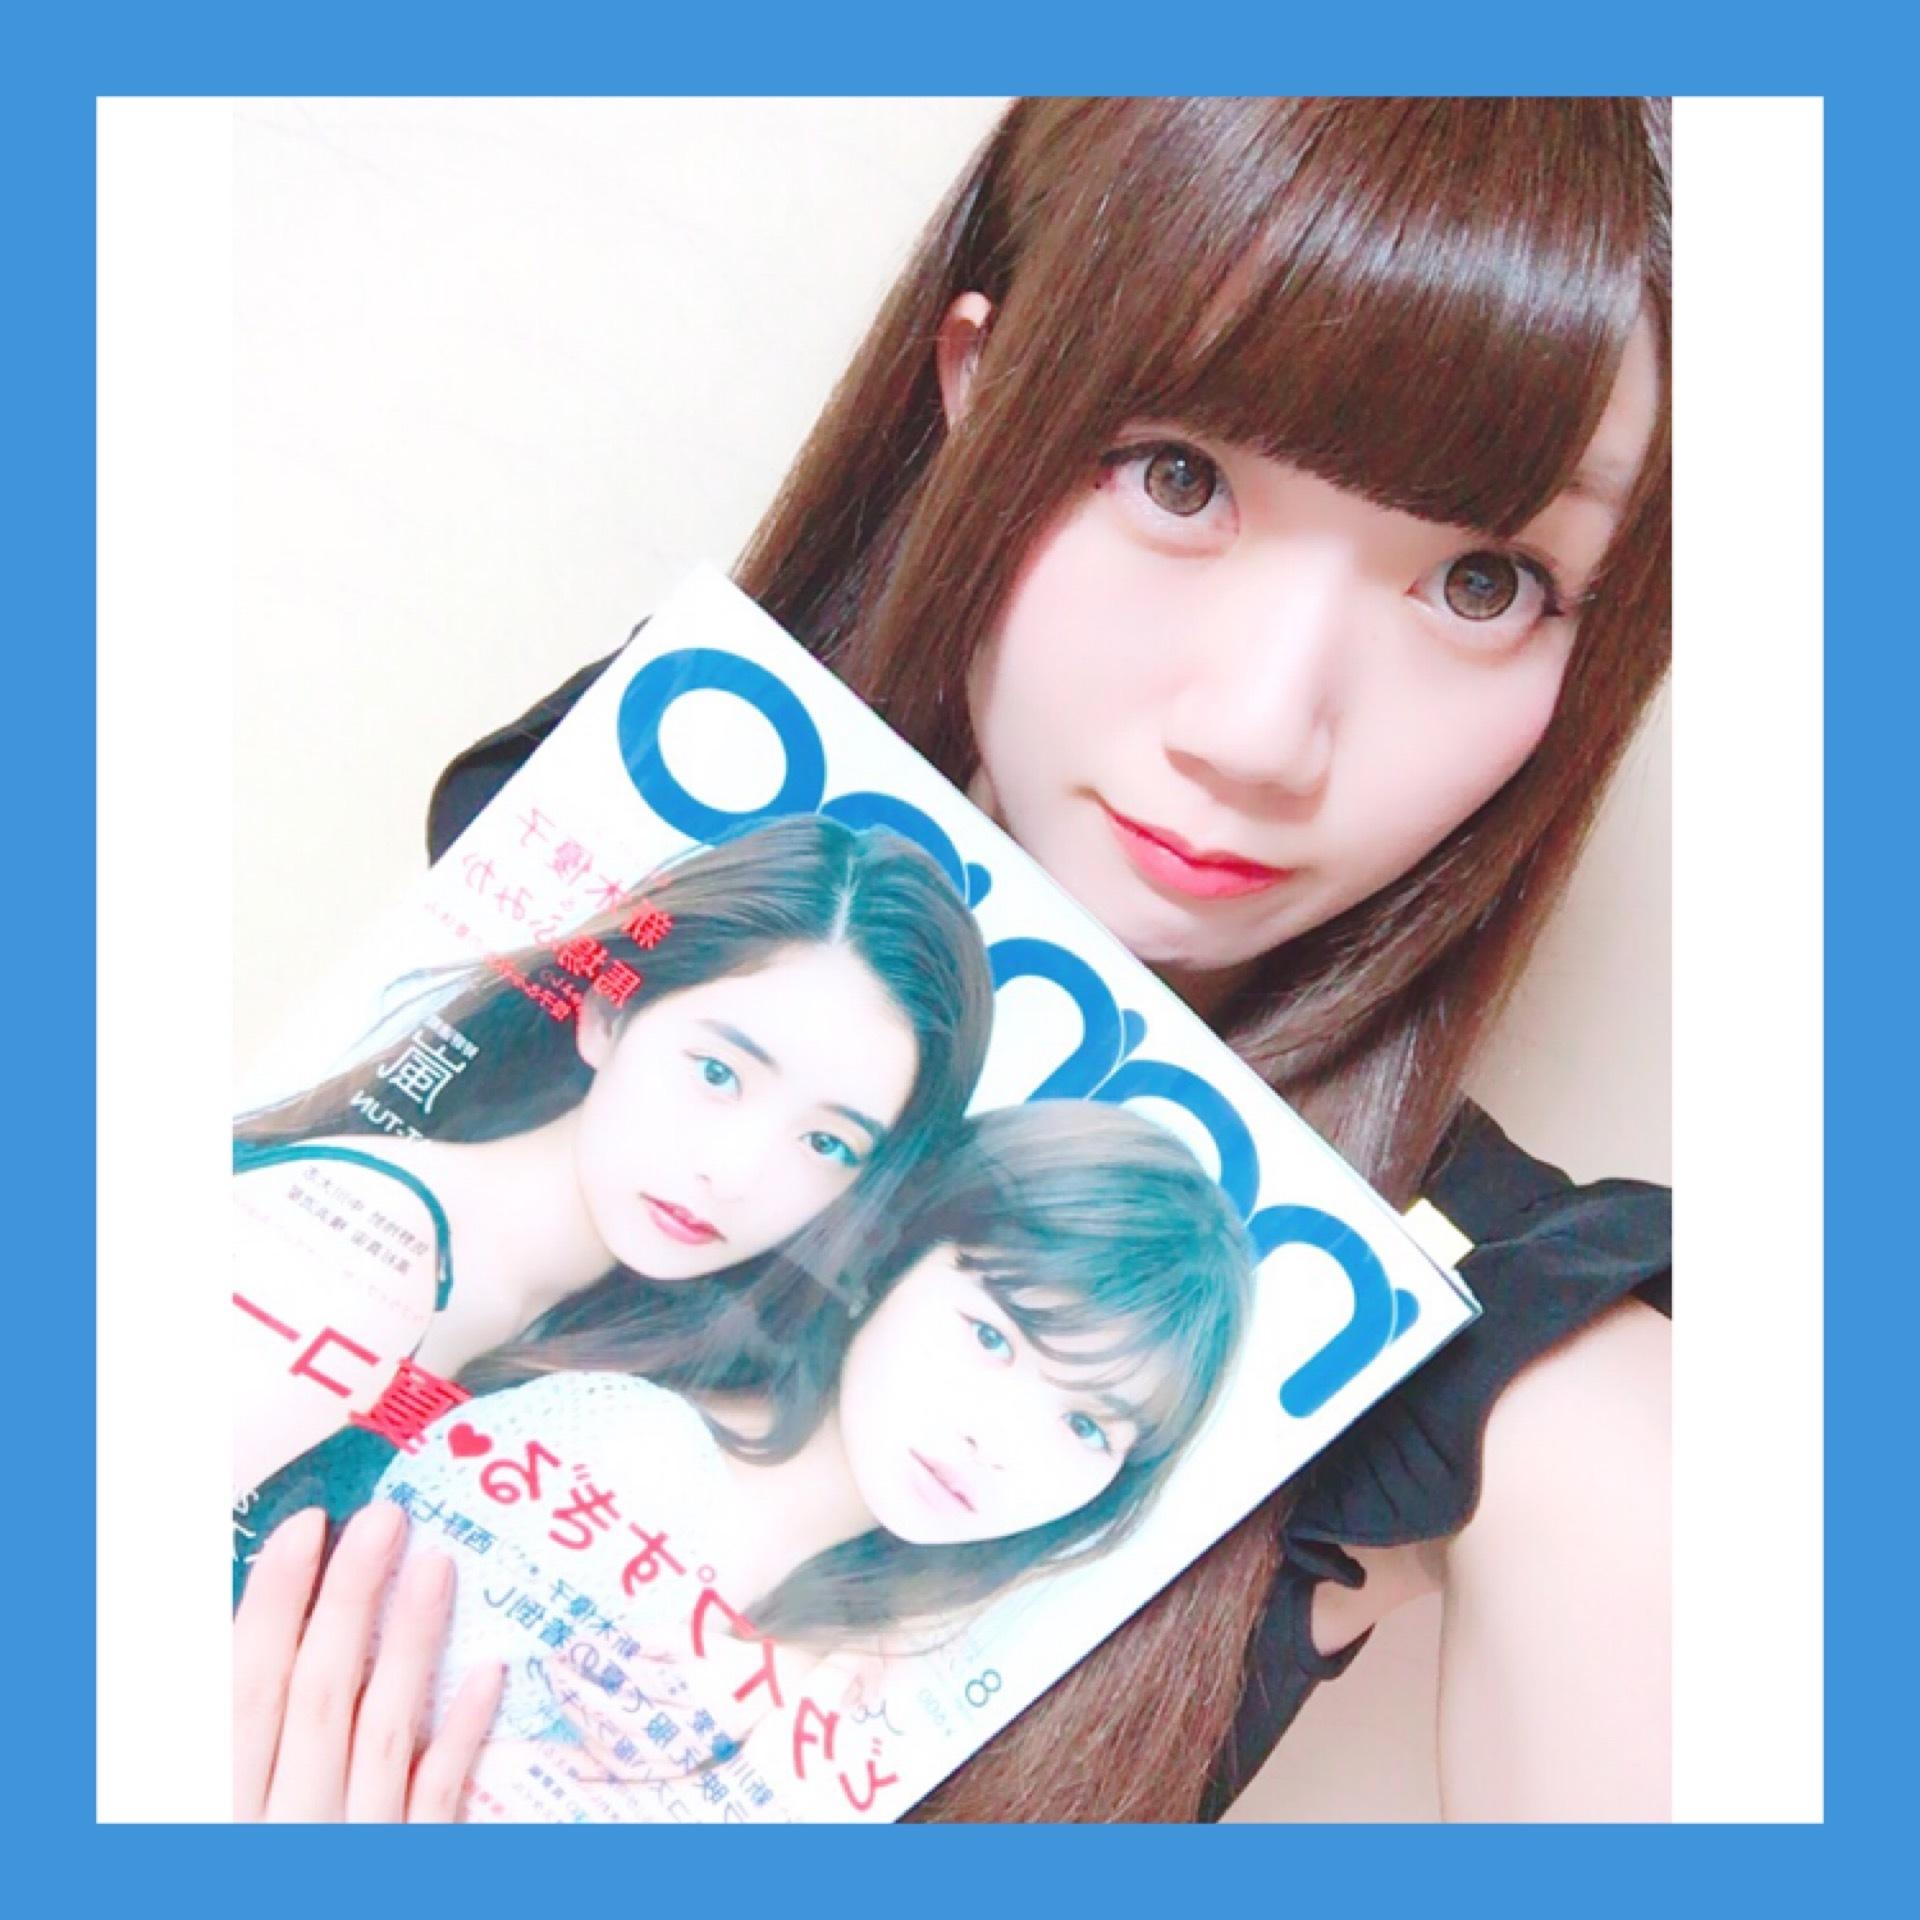 【non-no 8月号】ハワイイ選抜❤︎ディズニー特集!_1_2